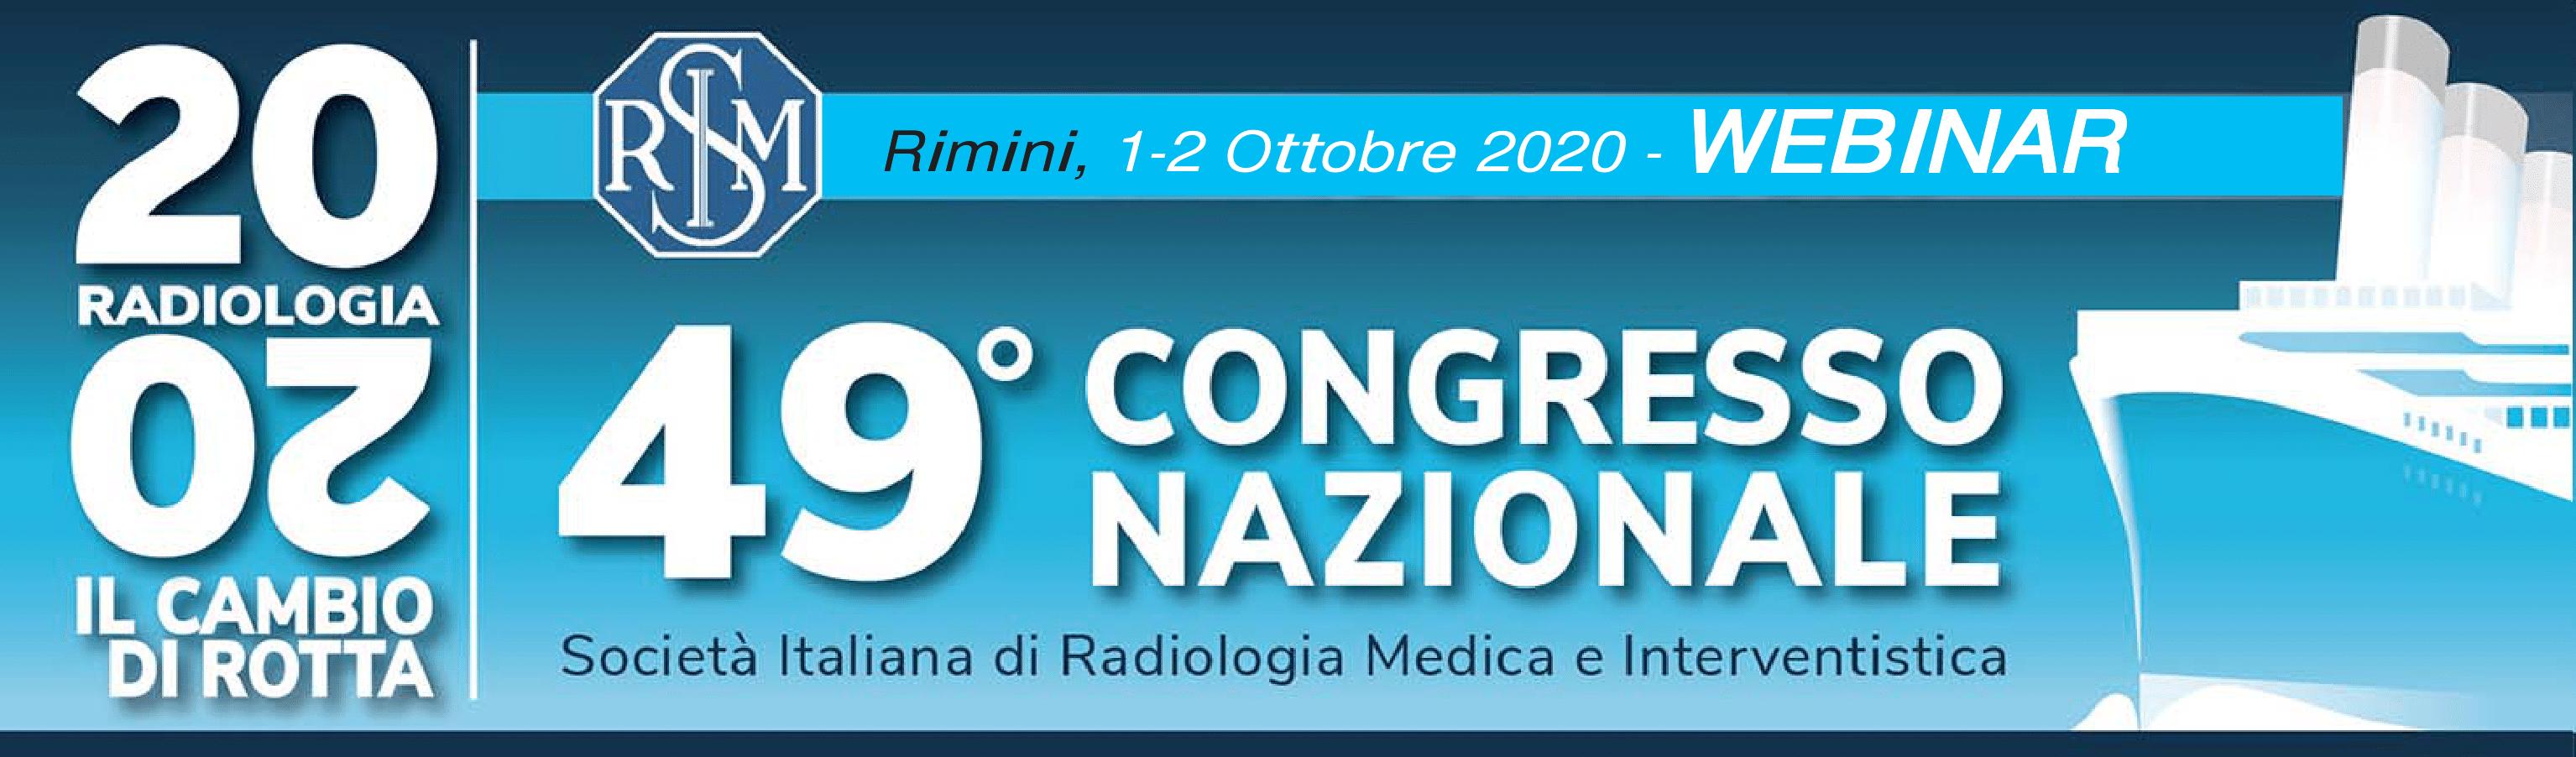 49° Congresso Nazionale Società Italiana di Radiologia Medica e Interventistica (SIMR)